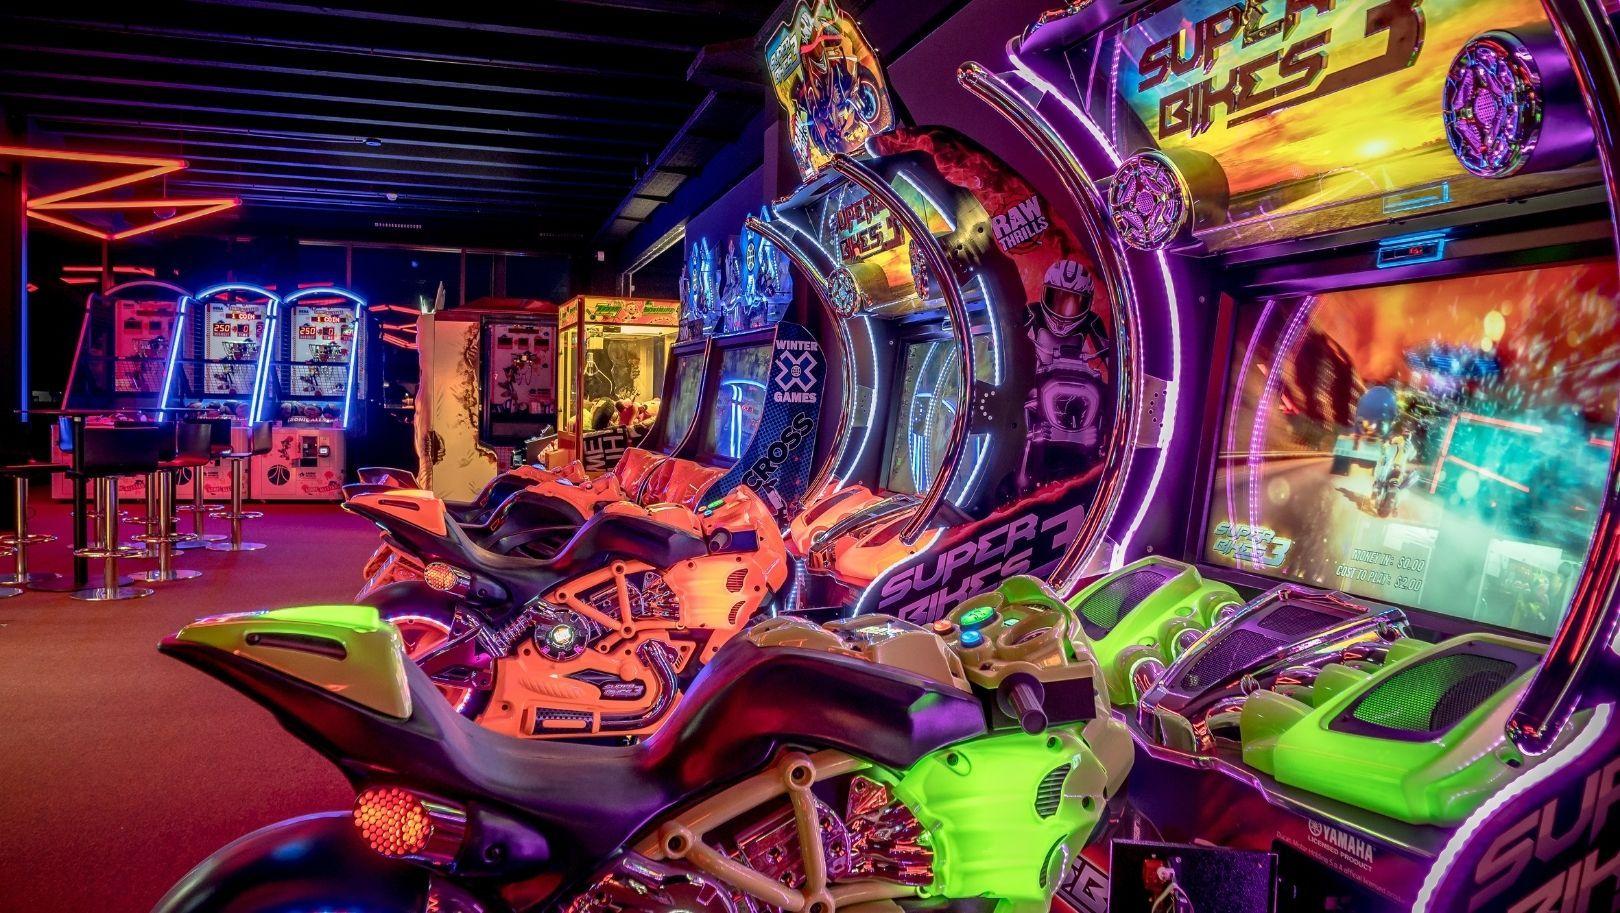 funplanet-rennaz-bulle-slider-arcades